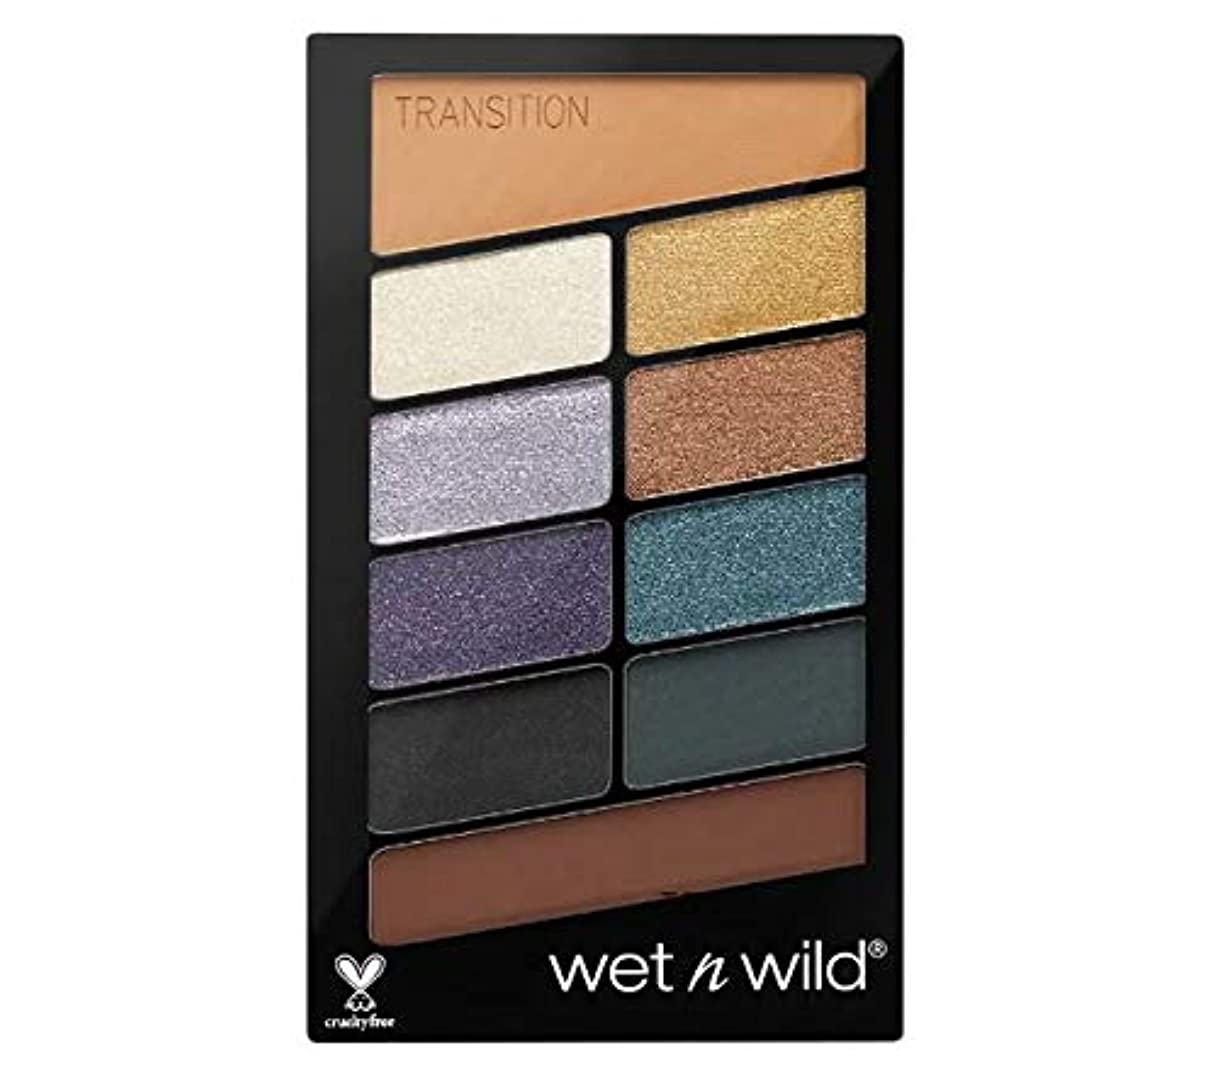 枯れる所得流産Wet N Wild Color Icon Eyeshadow 10 Pan Palette (Cosmic Collision) 海外直送 [並行輸入品]